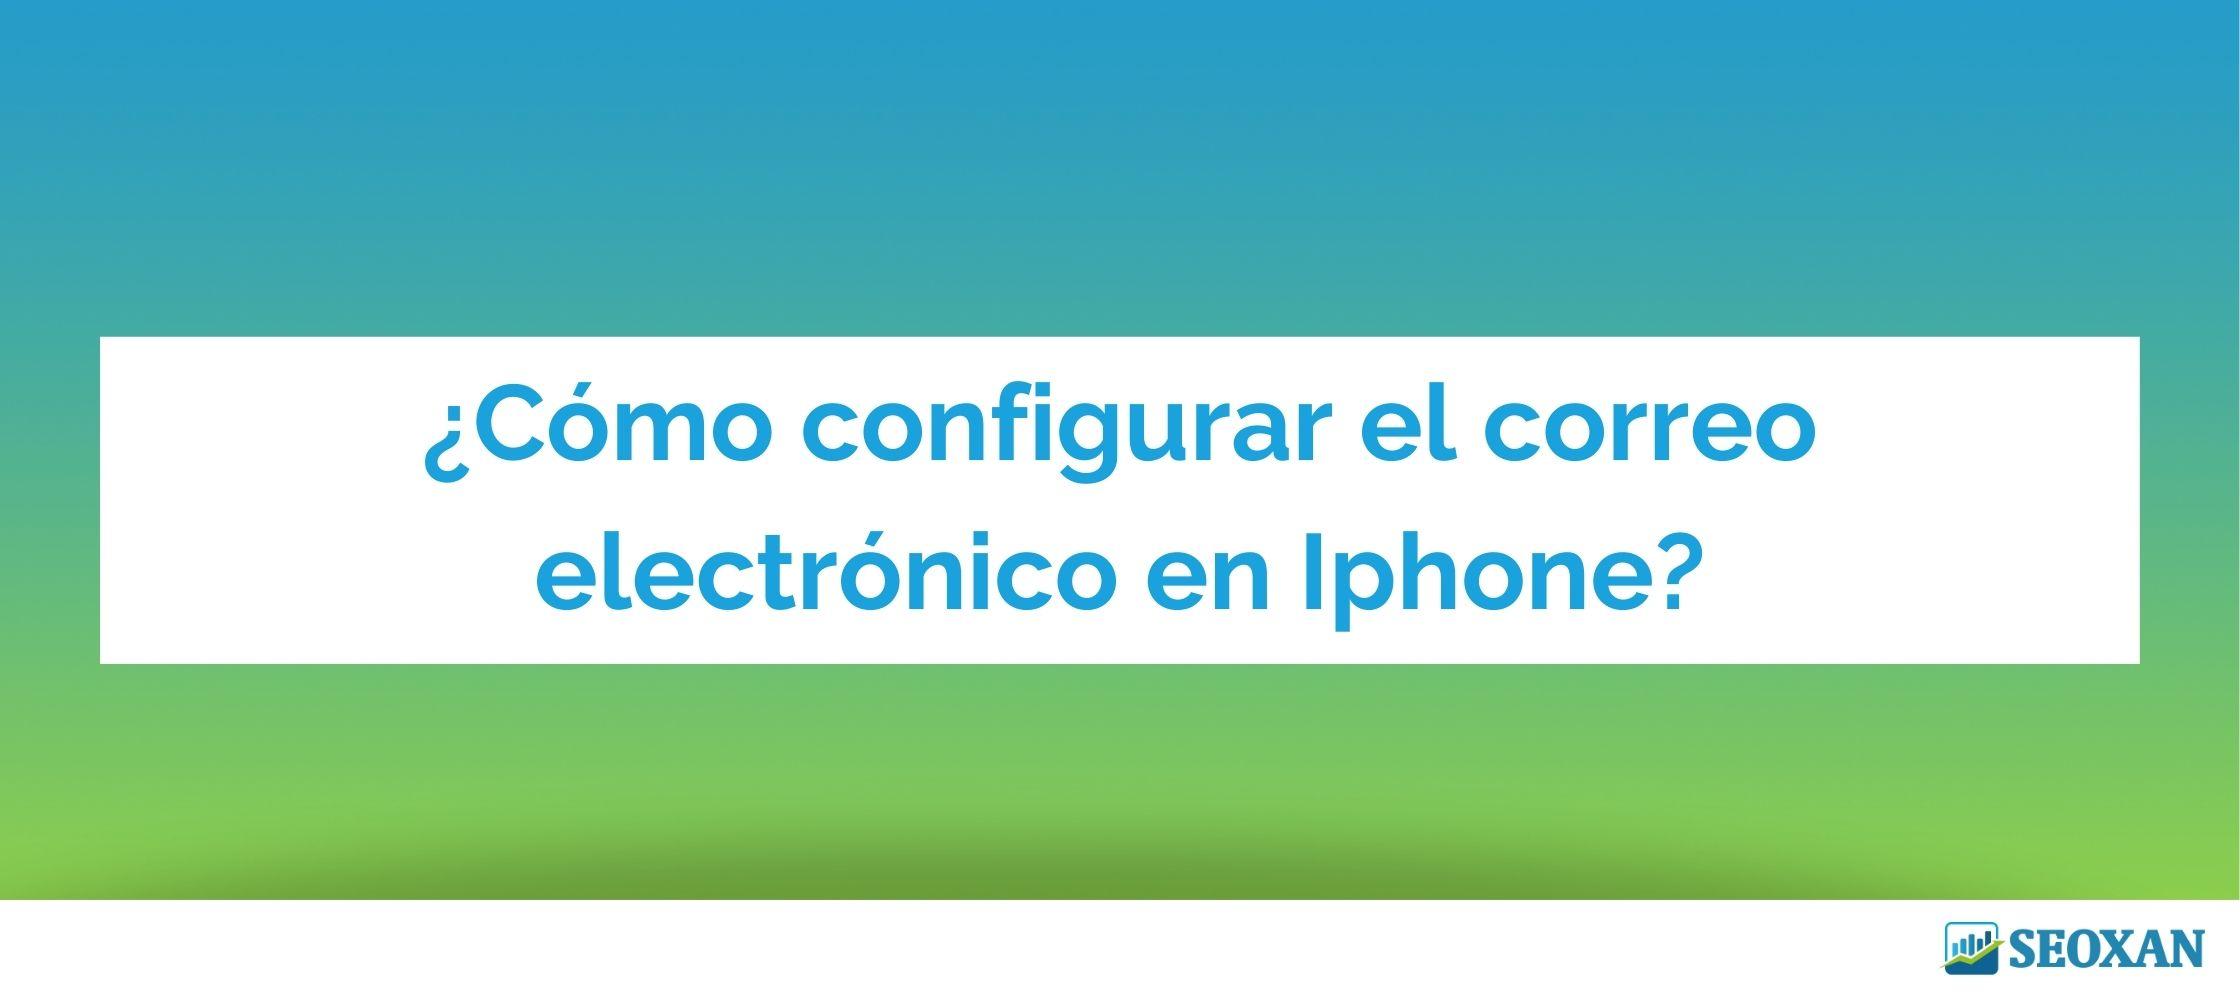 ¿Cómo configurar el correo electrónico en Iphone?